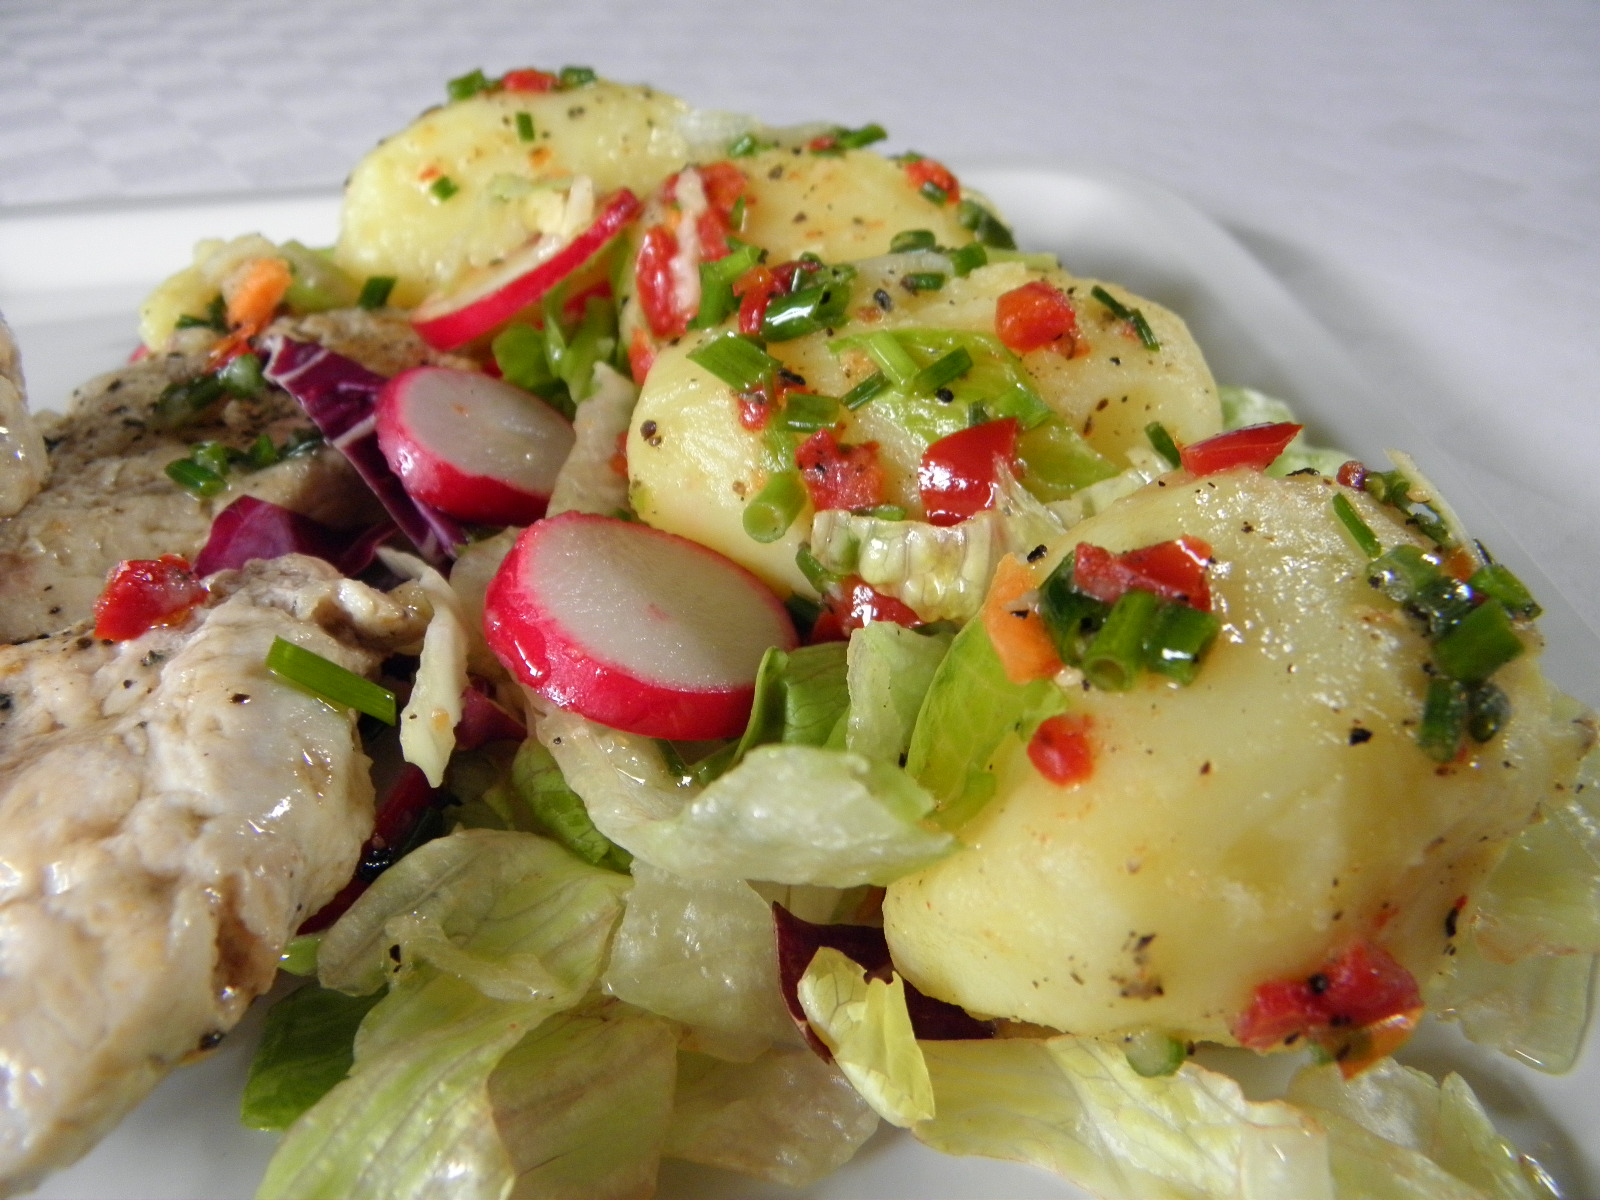 Teplý salát z nových brambor